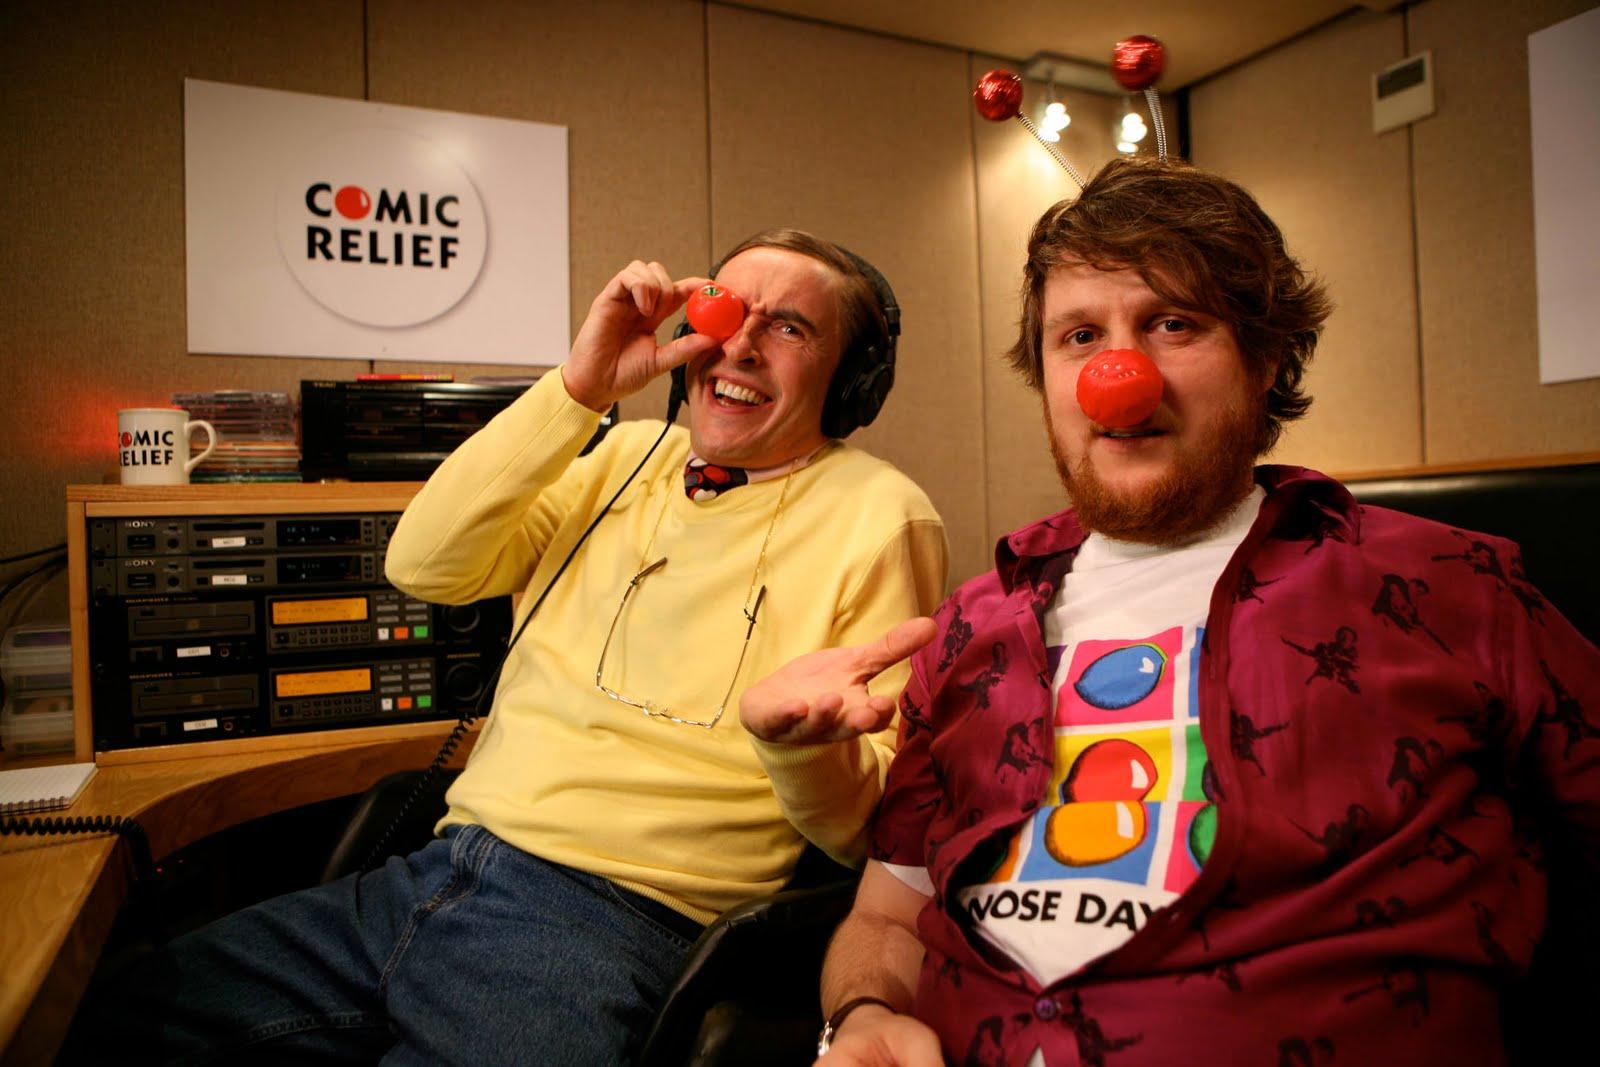 http://4.bp.blogspot.com/-atnelShYND0/TYJyEms9DHI/AAAAAAAAAUk/ZDnz4x3XAAk/s1600/steve-coogan-as-alan-partridge-red-nose-day-2011-comic-relief.jpg